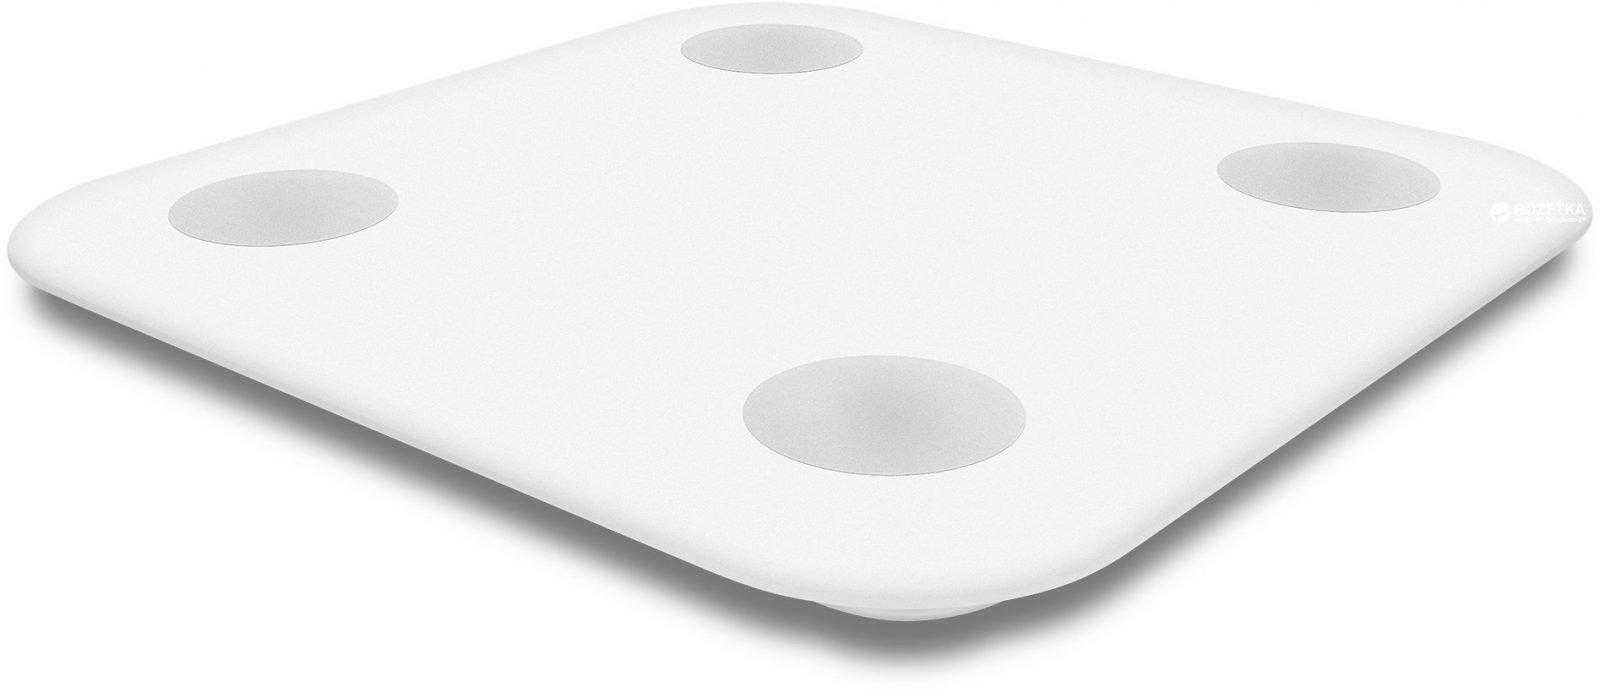 весы xiaomi mi smart scale 2 инструкция